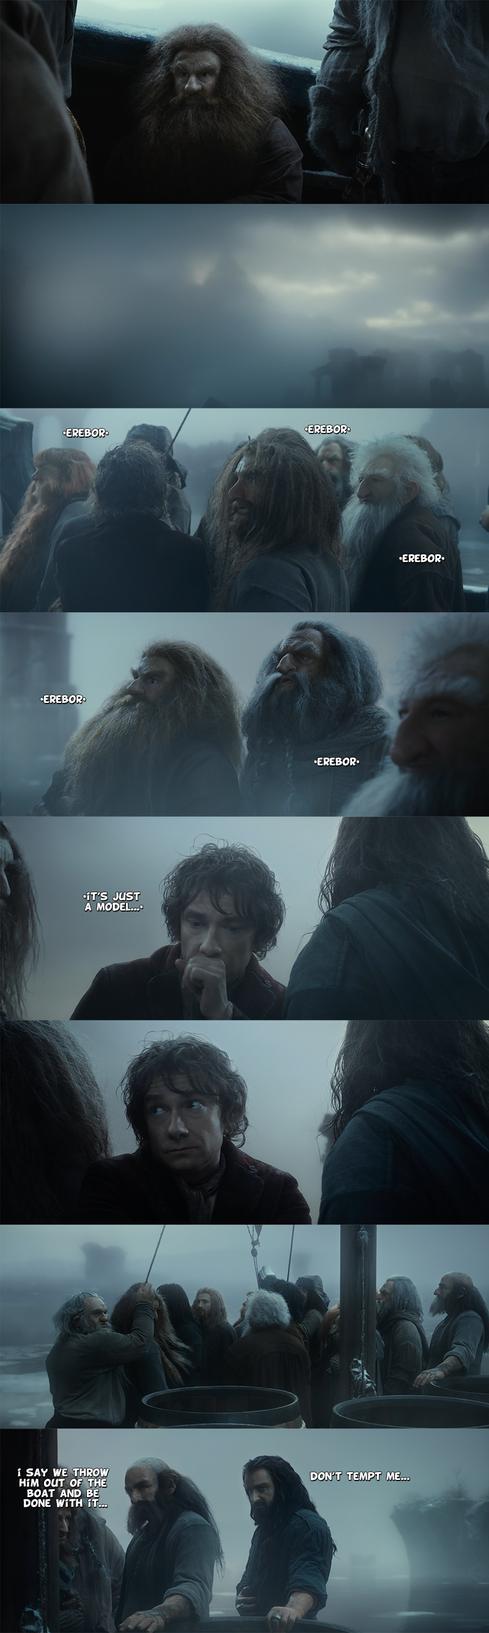 The Hobbit - Homesick by yourparodies